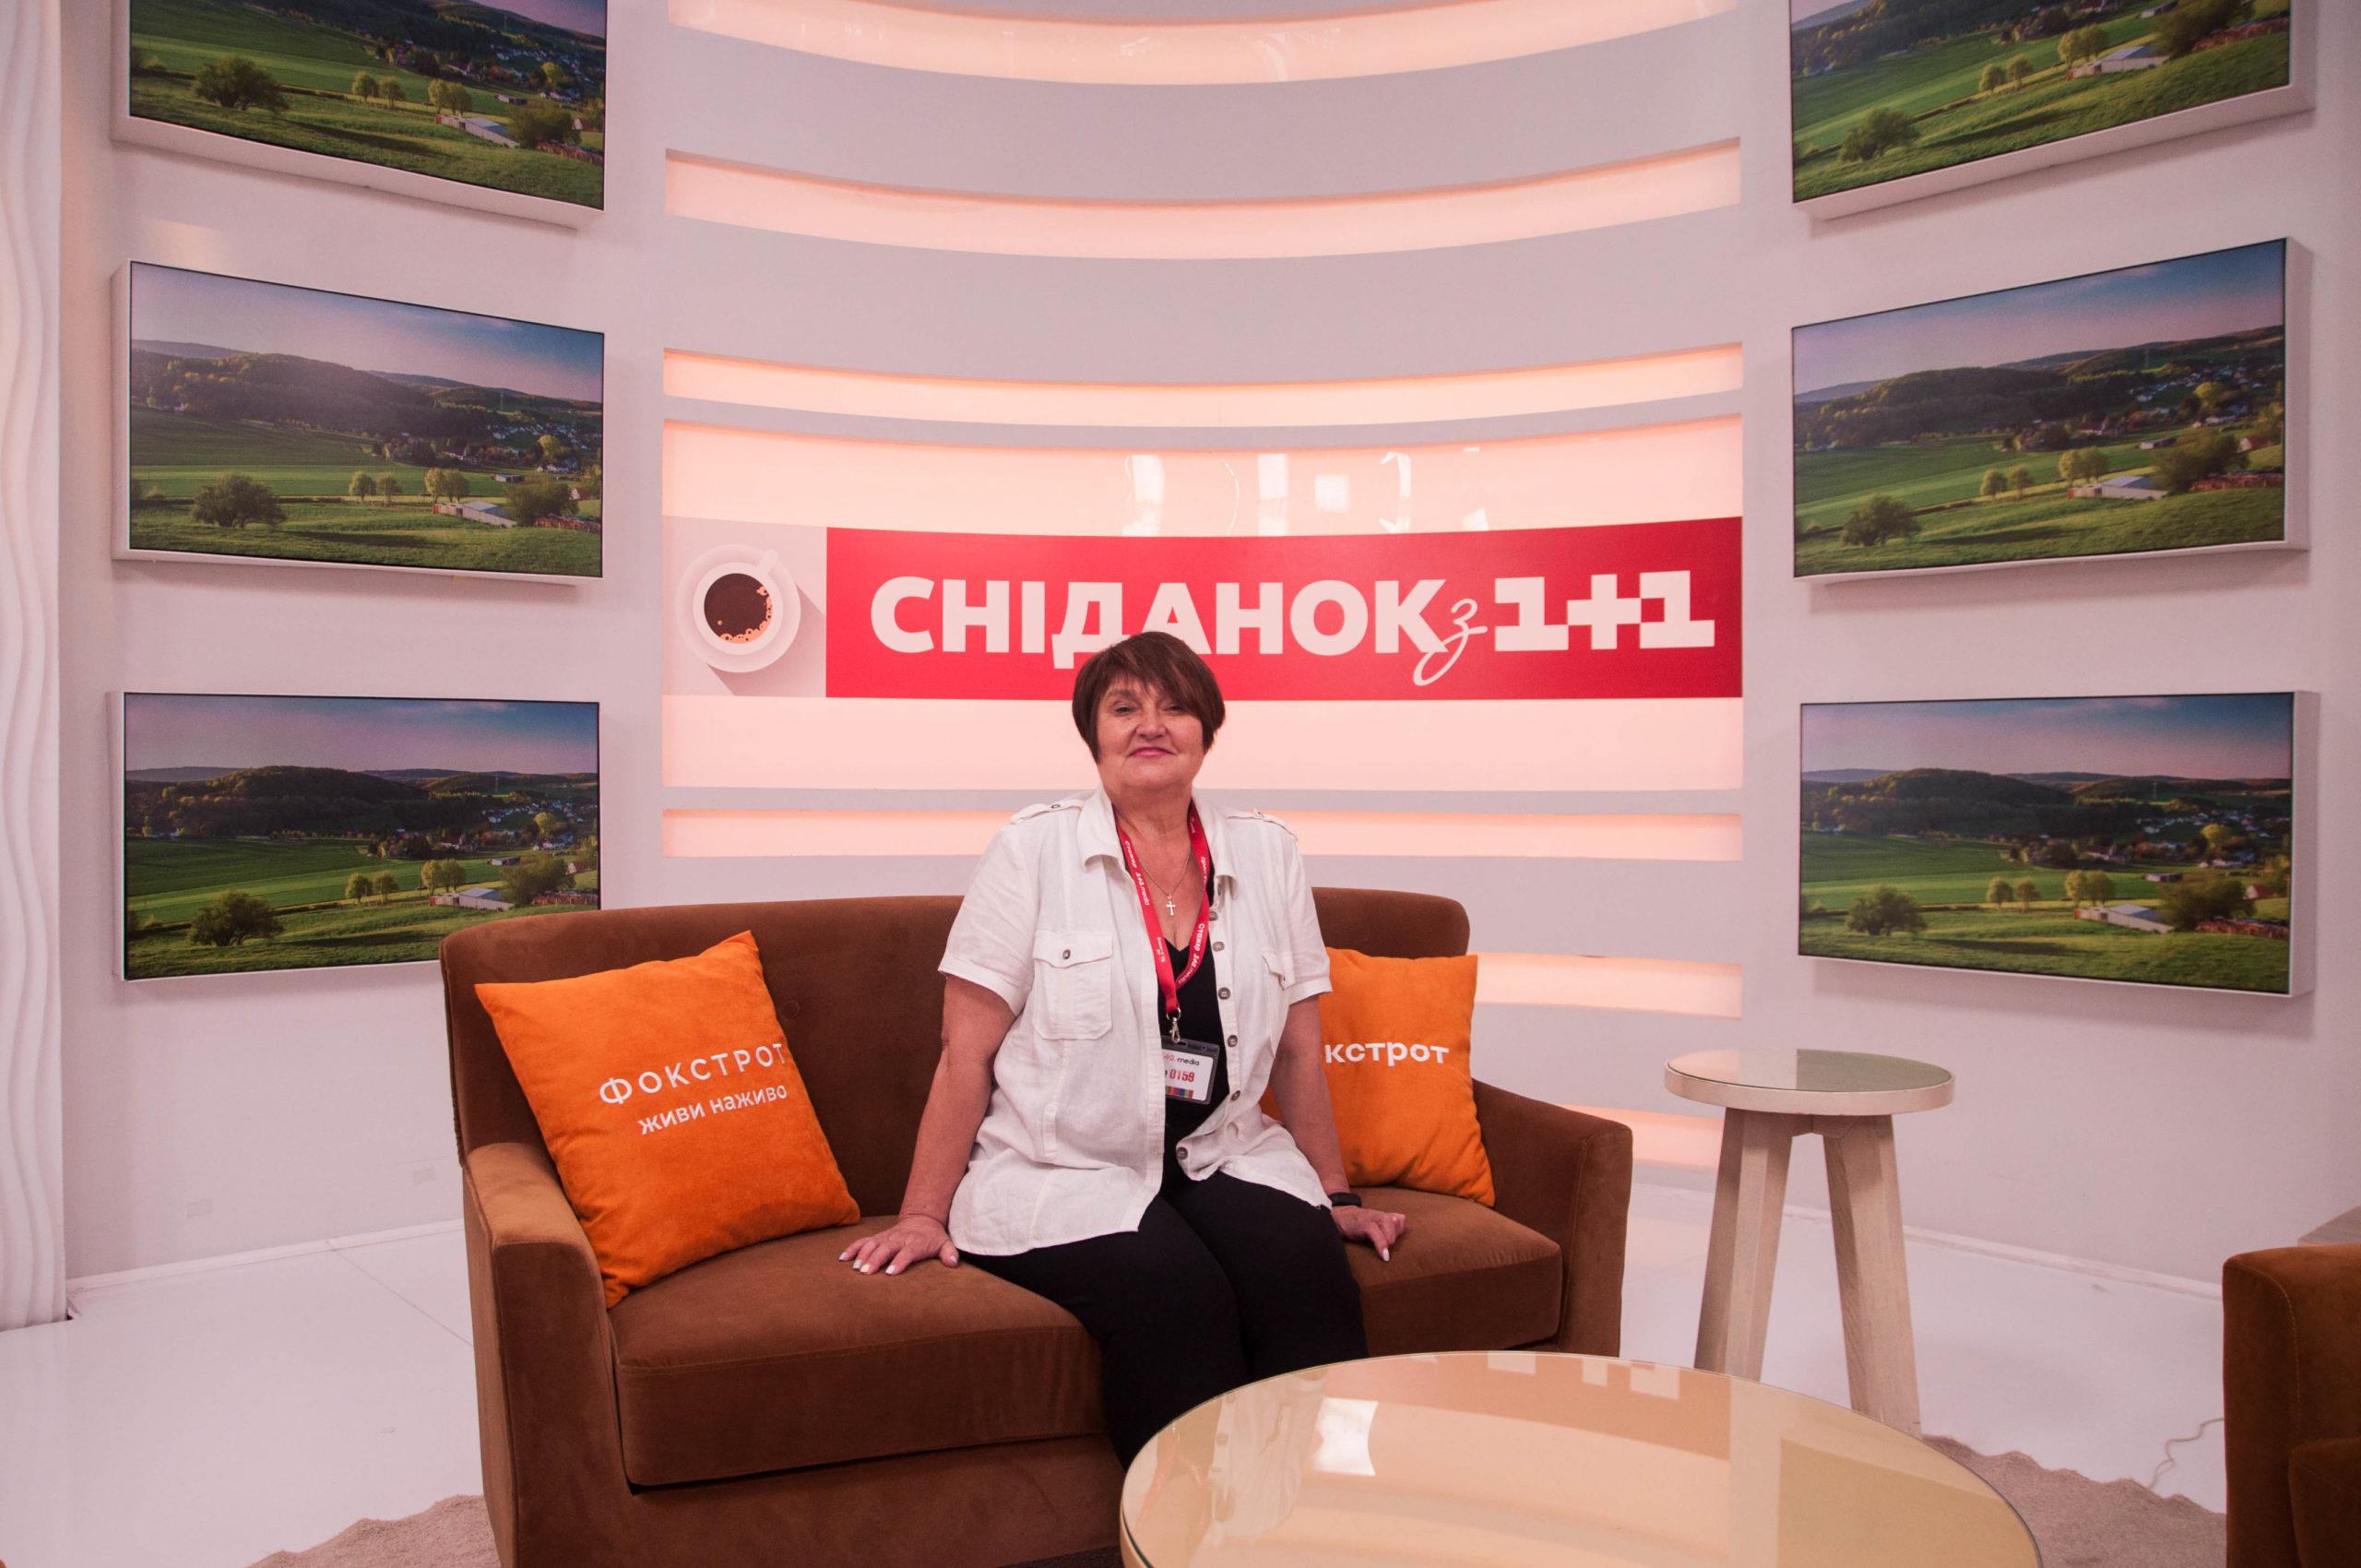 Інтерв'ю стажерів першої хвилі #забутипровік: Тетяна Силенко, секретарка ресепшн